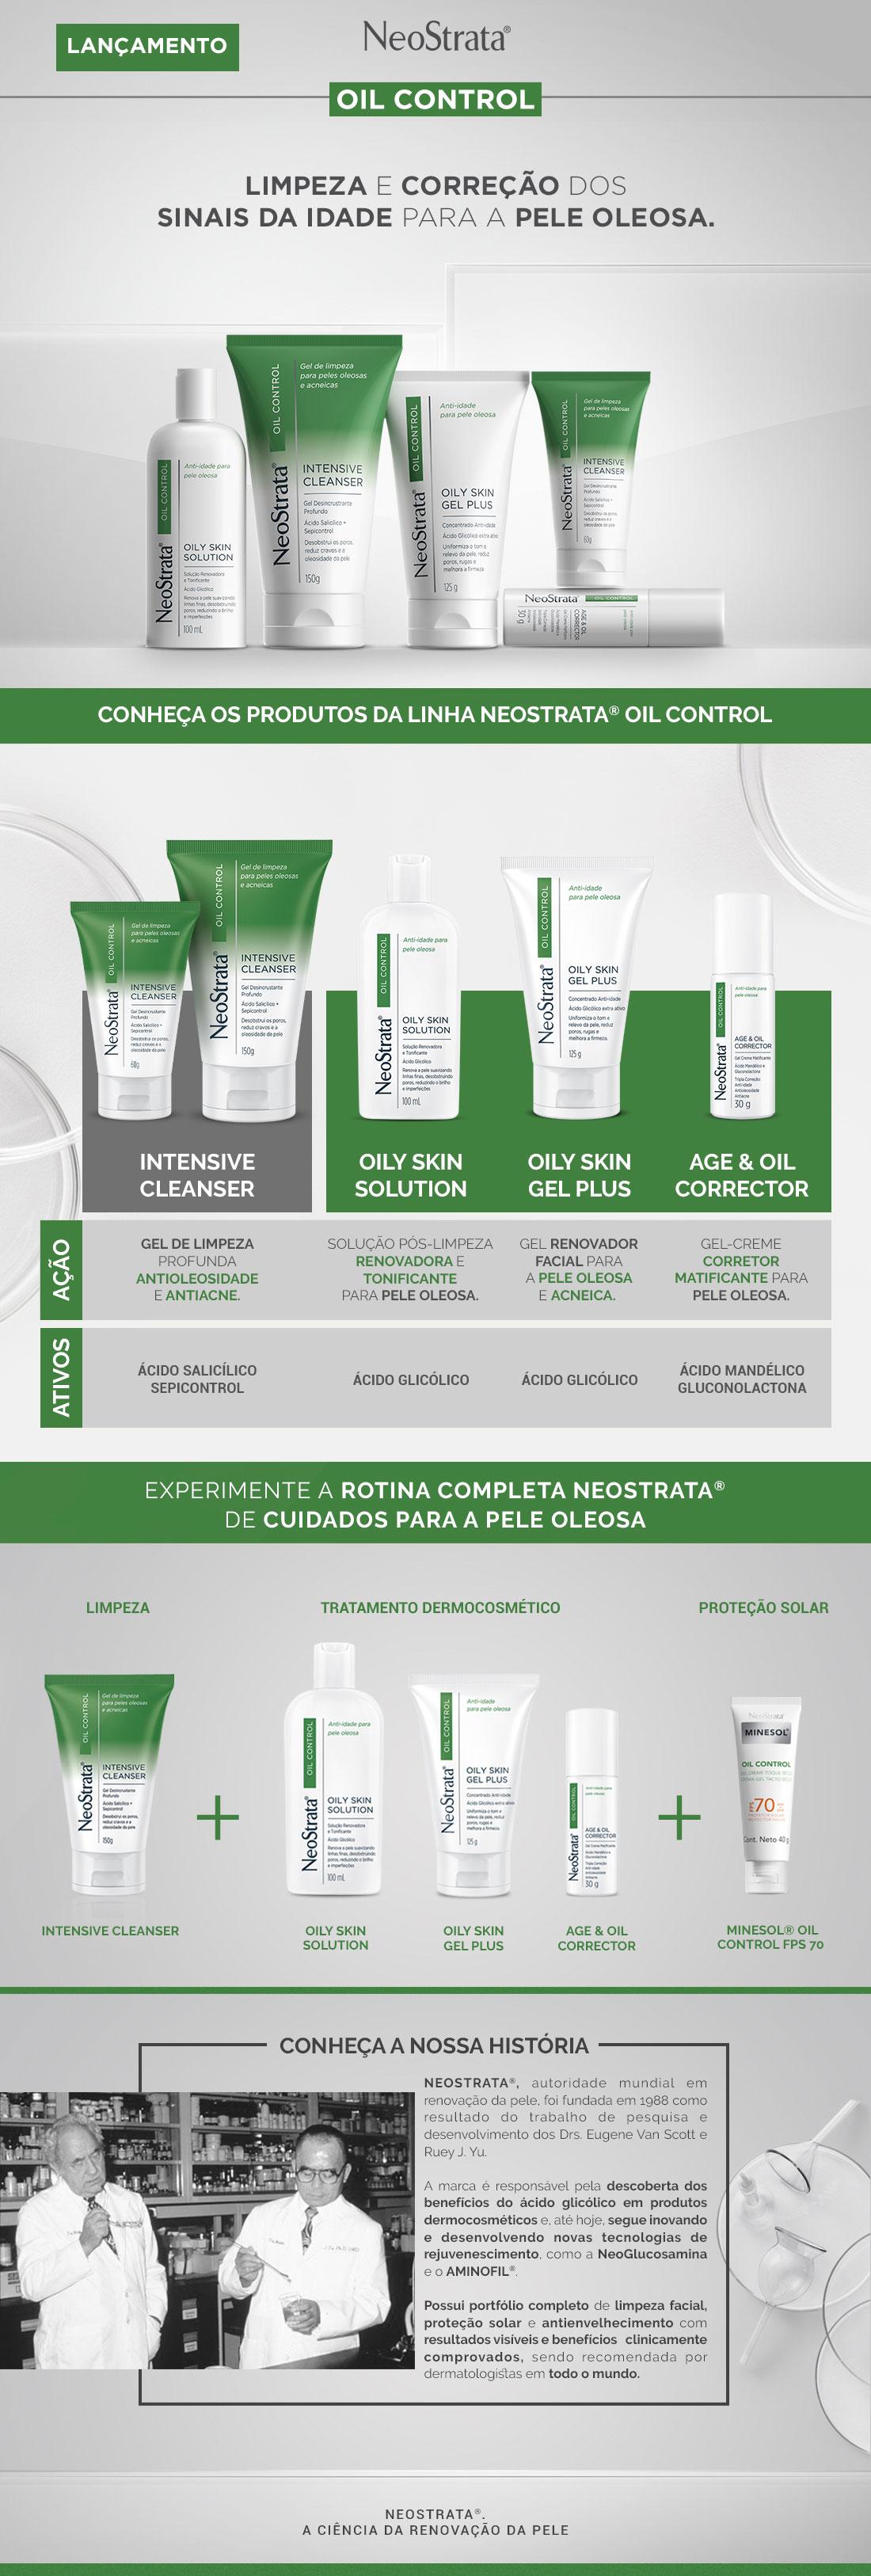 NeoStrata Oil-Control Skin Gel Plus